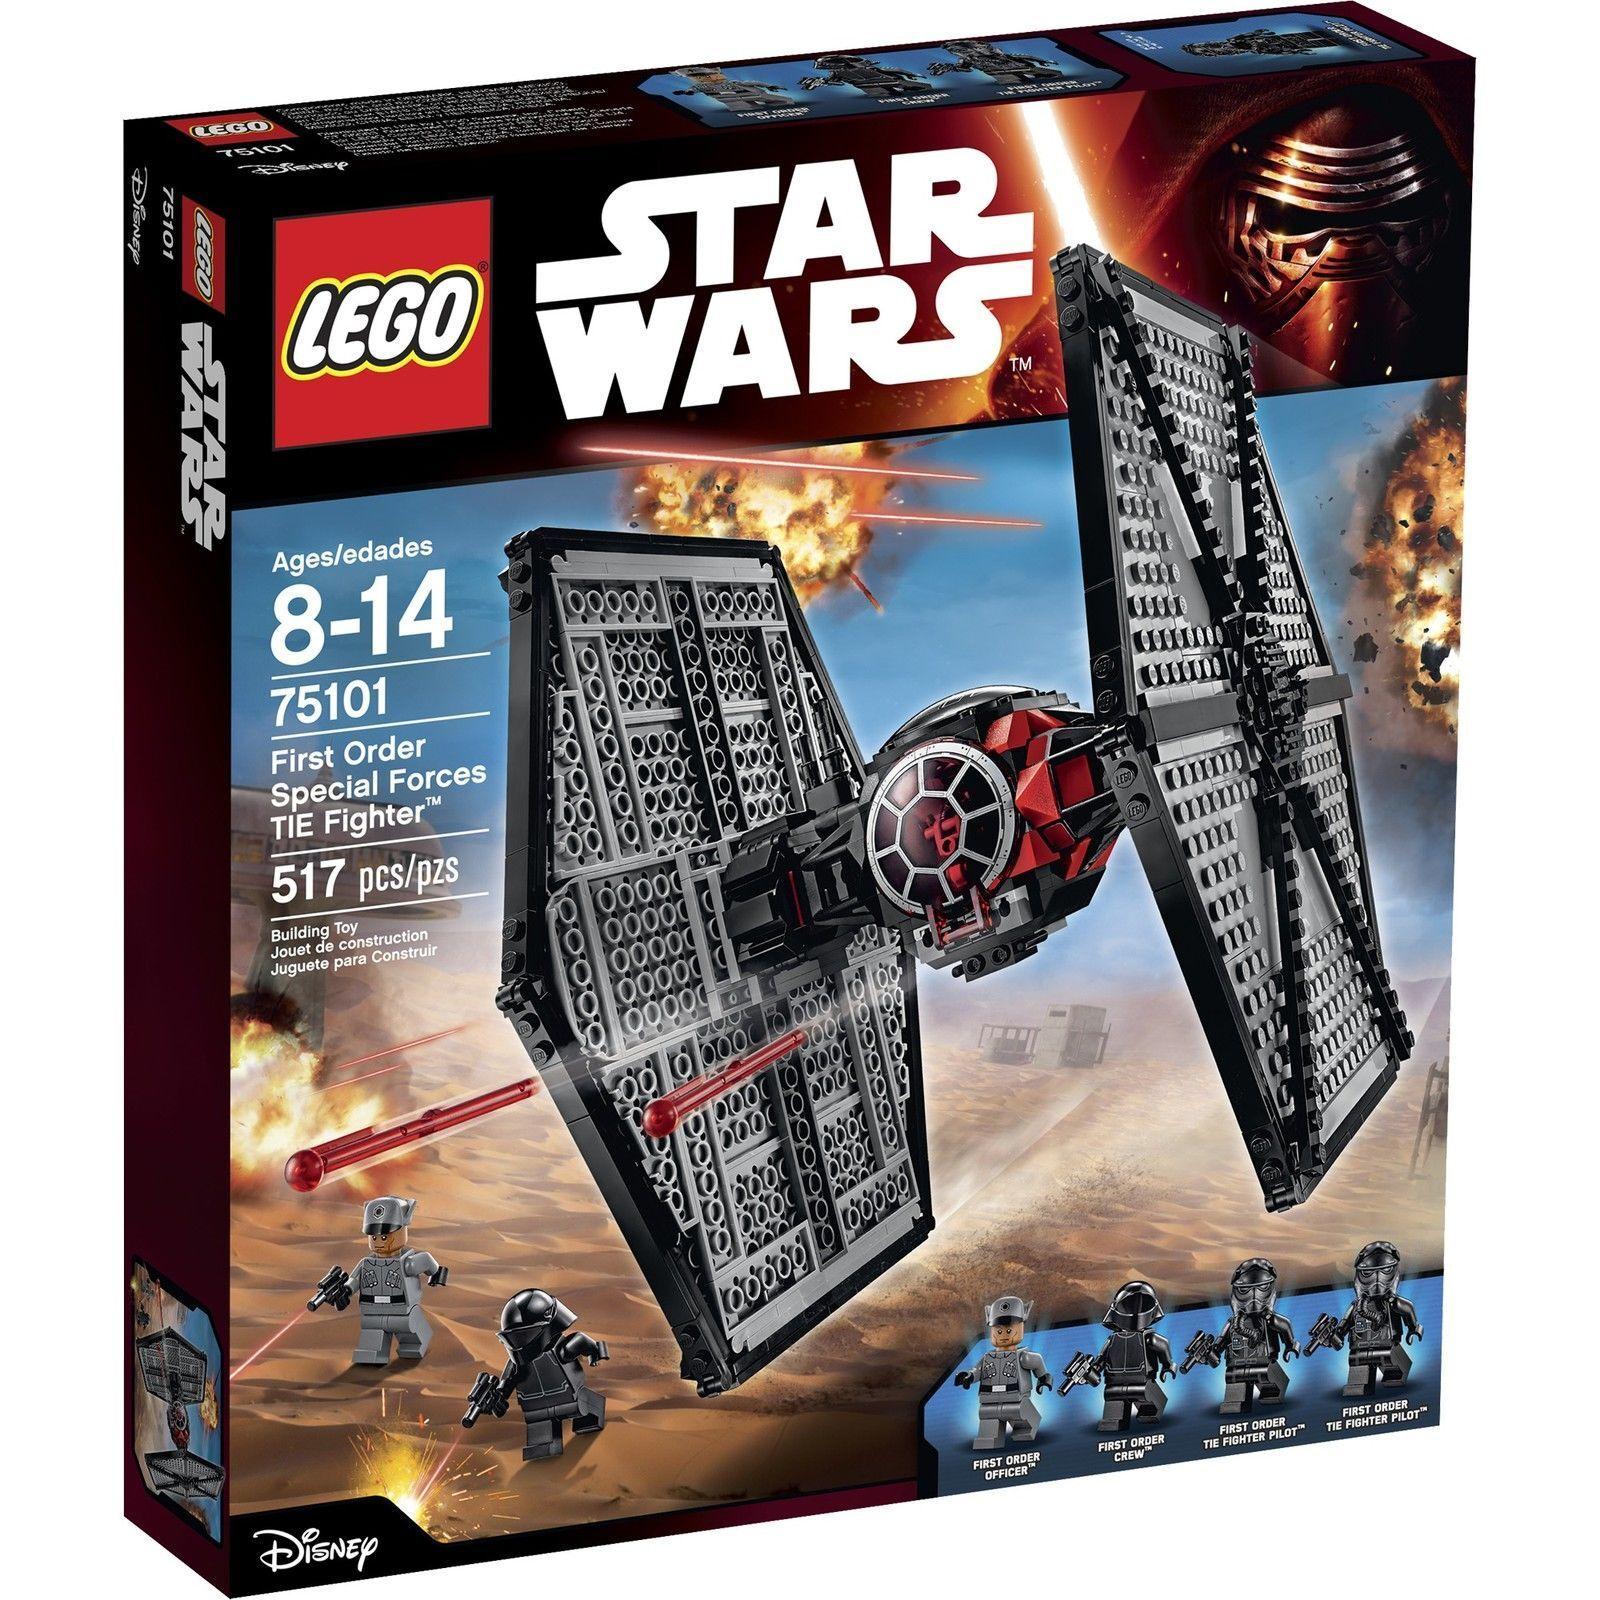 LEGO ® estrella guerras ™ 75101 primero Order specialee  Forces TIE FIGHTER ™ Nuovo Scatola Originale nuovo MISB  sport dello shopping online